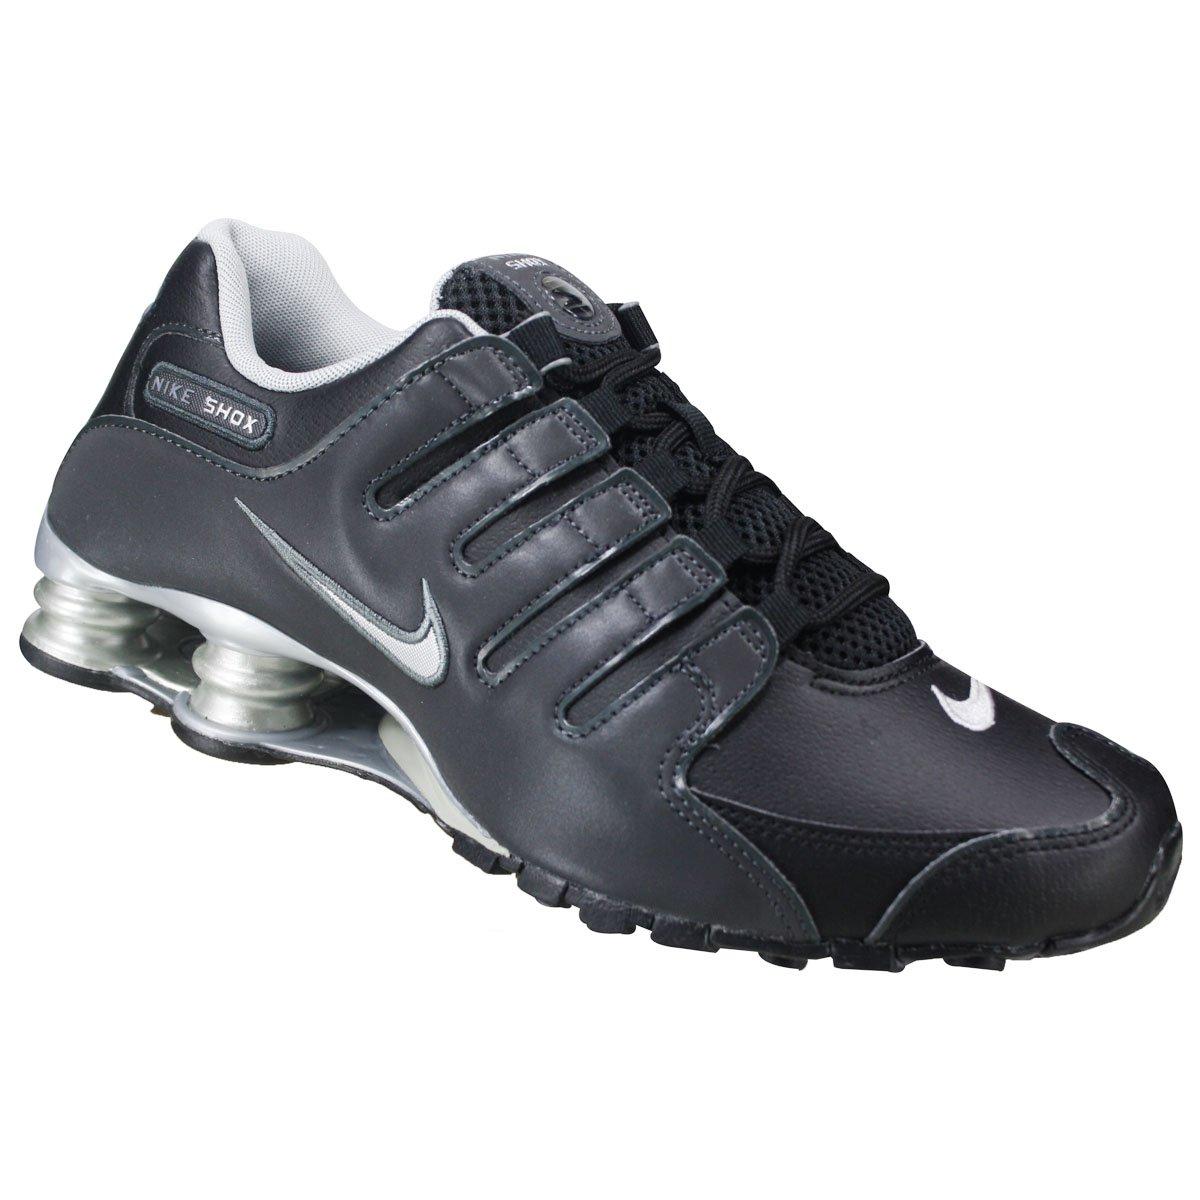 6a06a7535ec Tênis Masculino Nike Shox NZ EU 501524-024 - Preto Prata - Botas ...